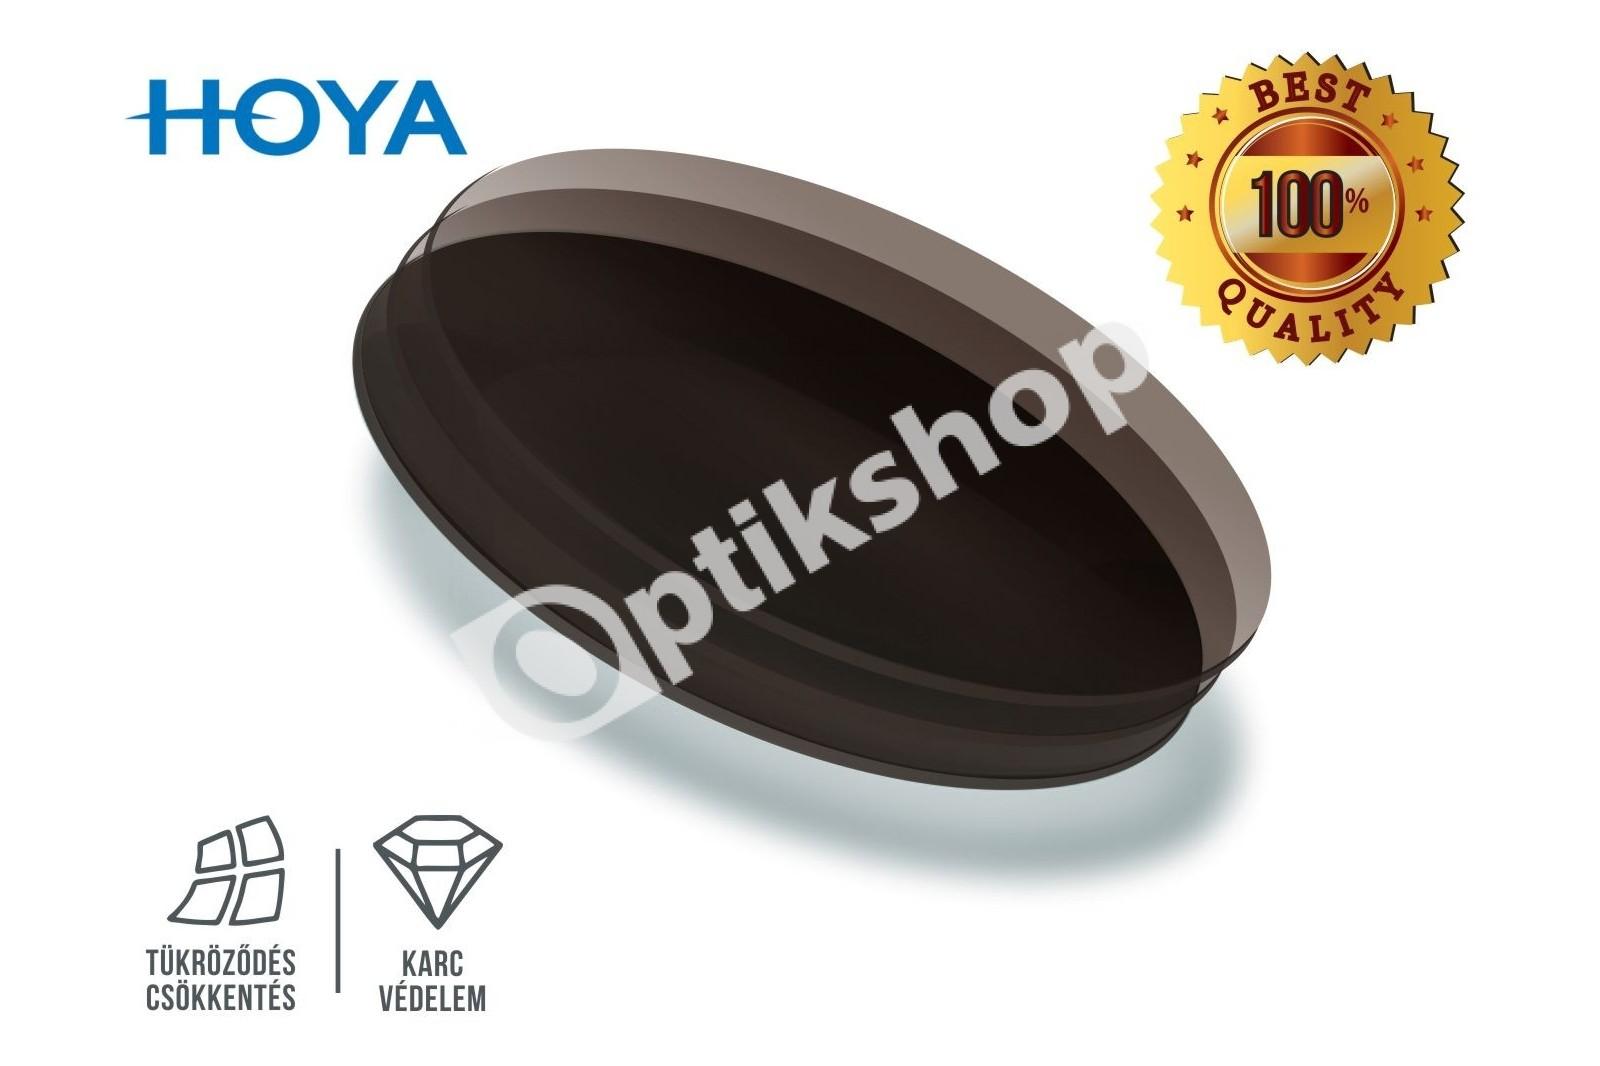 Hoya 1 2d5b1895b1